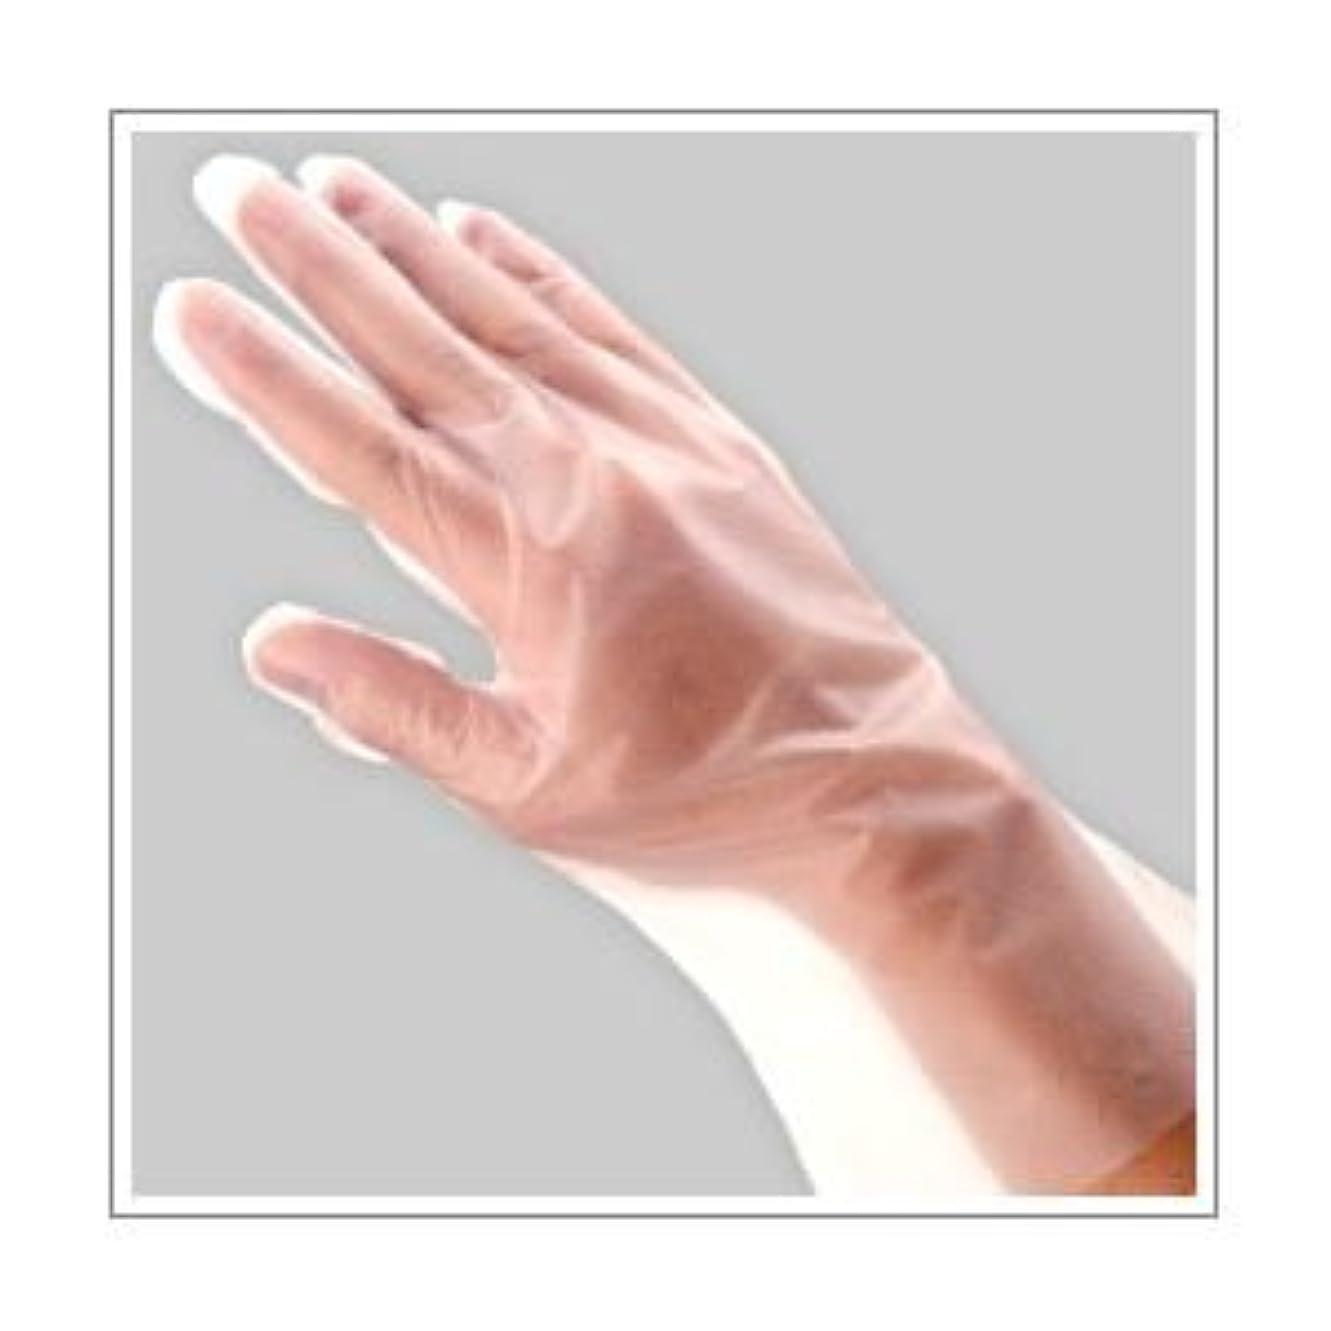 インセンティブ虐殺侵入(業務用セット) 福助工業 ポリ手袋 指フィット 100枚パック L 【×10セット】